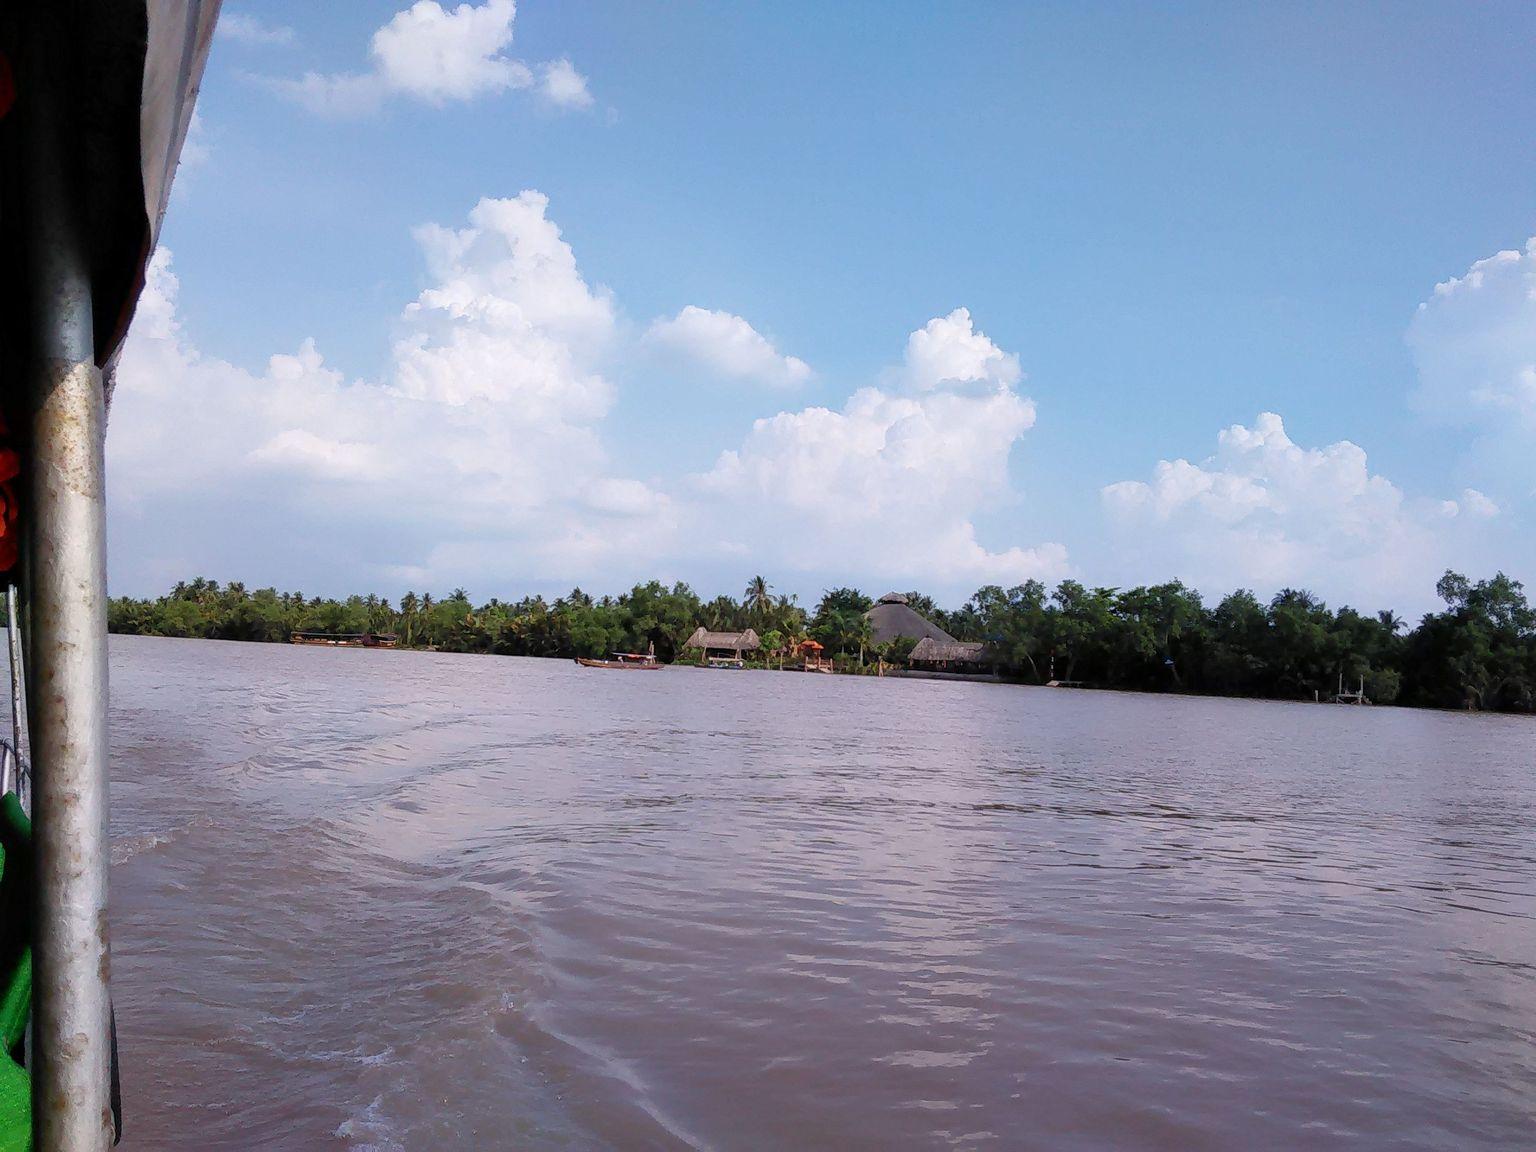 MÁS FOTOS, Recorrido privado por los túneles de Cu Chi y el delta del río Mekong: Visita guiada de día completo